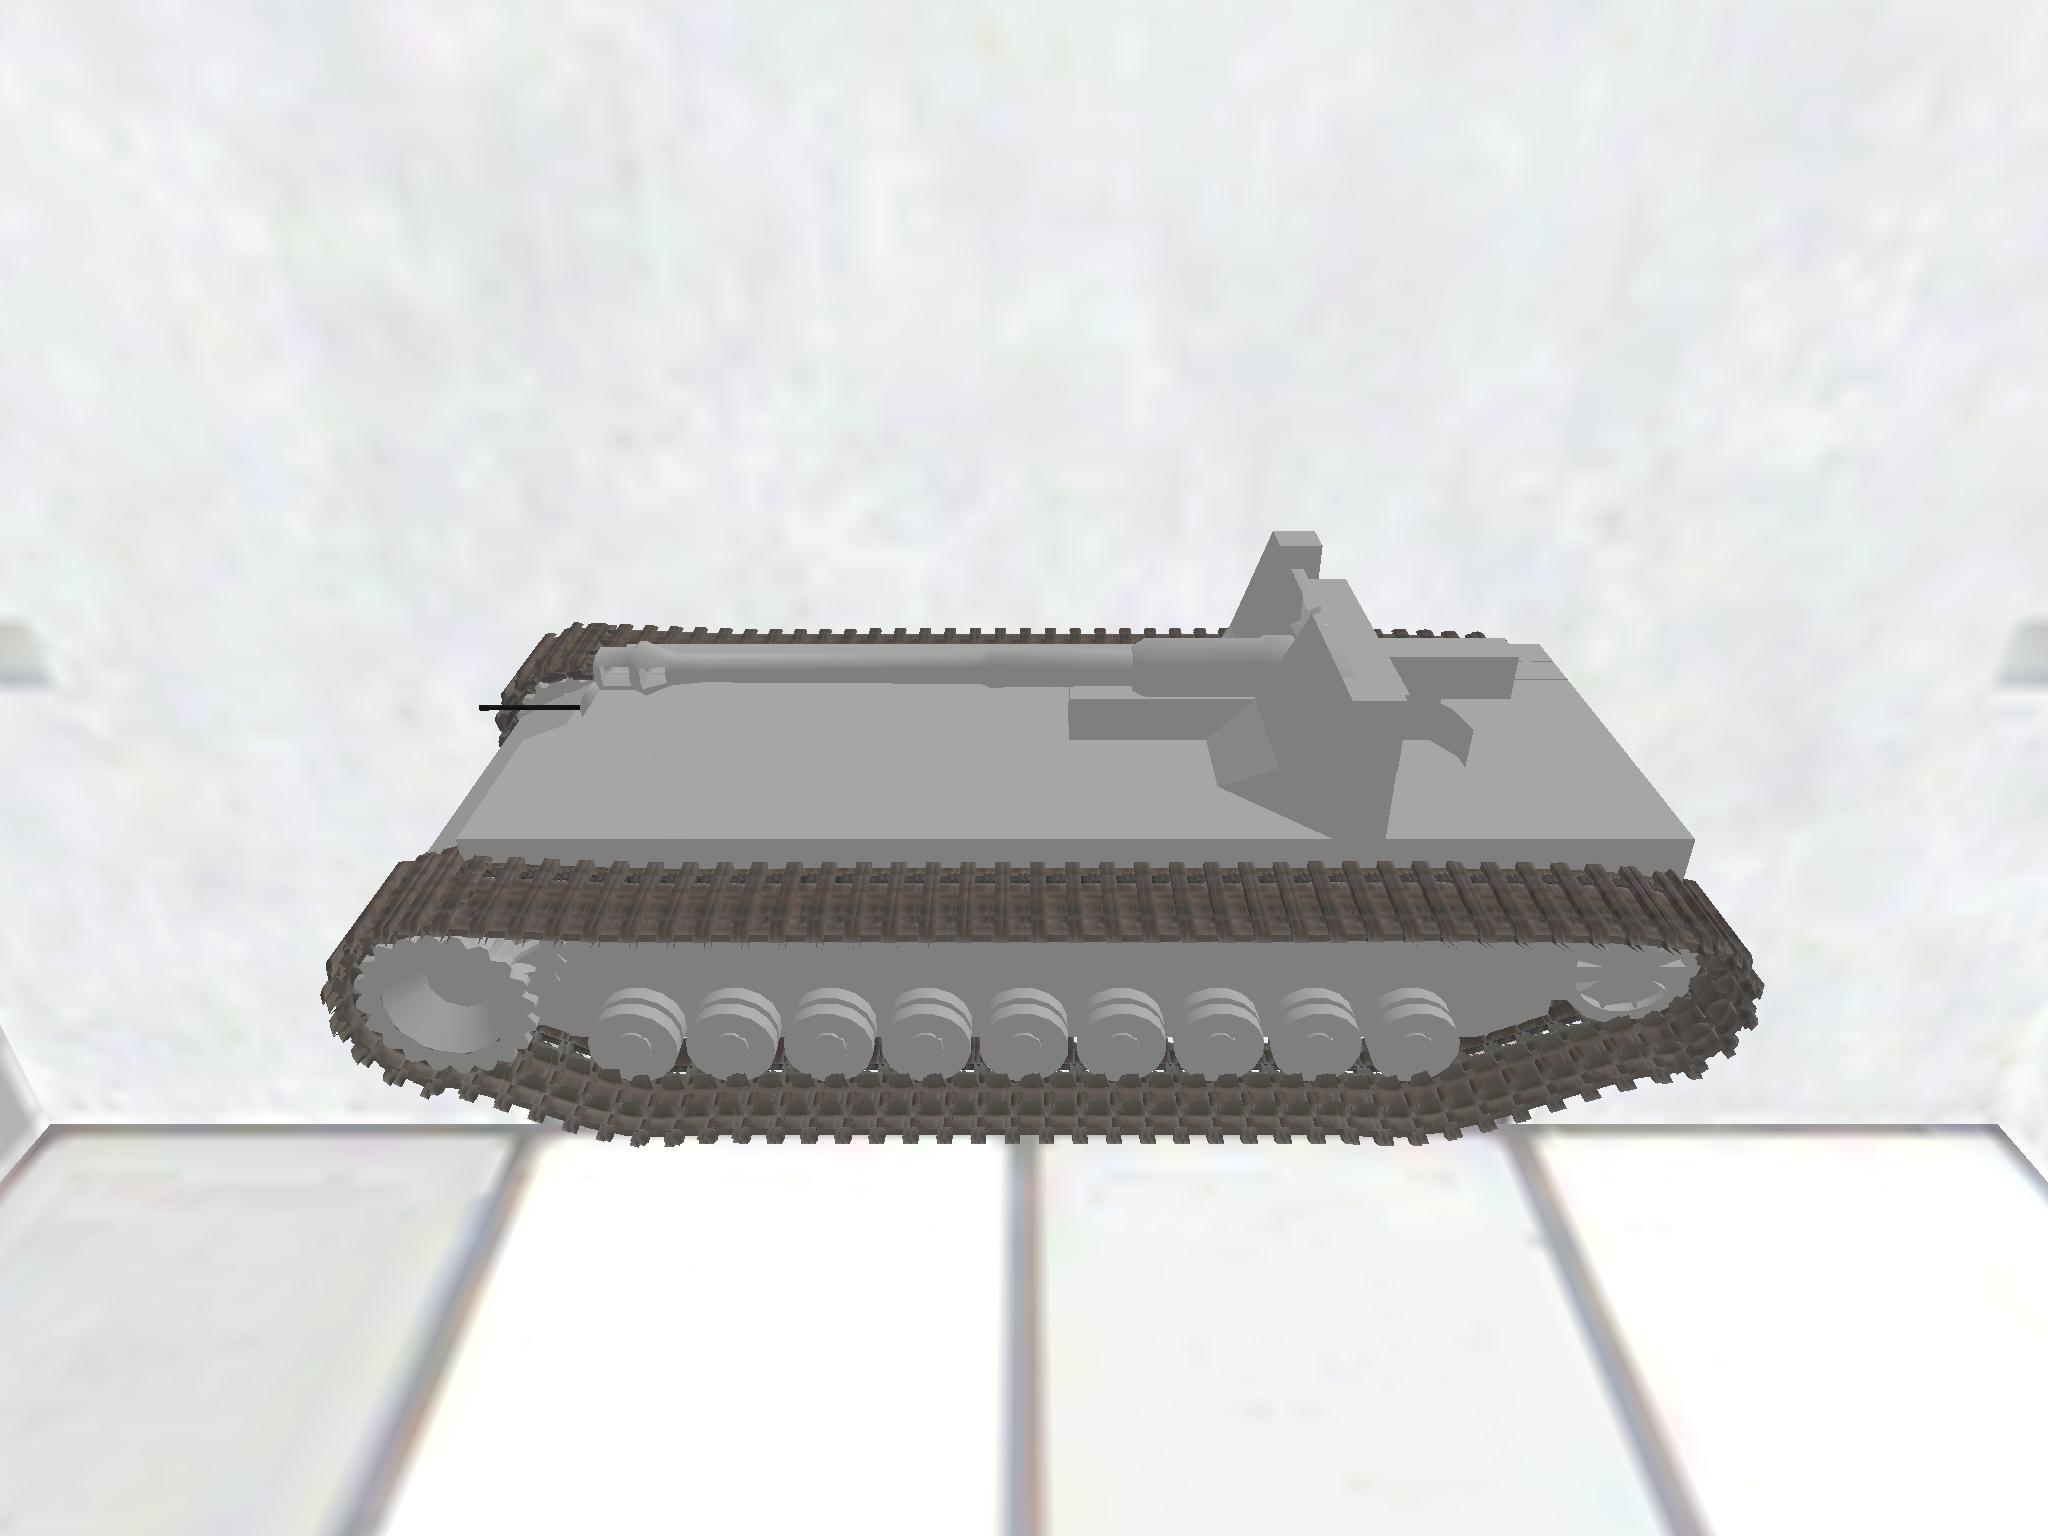 Wt. Auf. Pz.IV Tank Destroyer